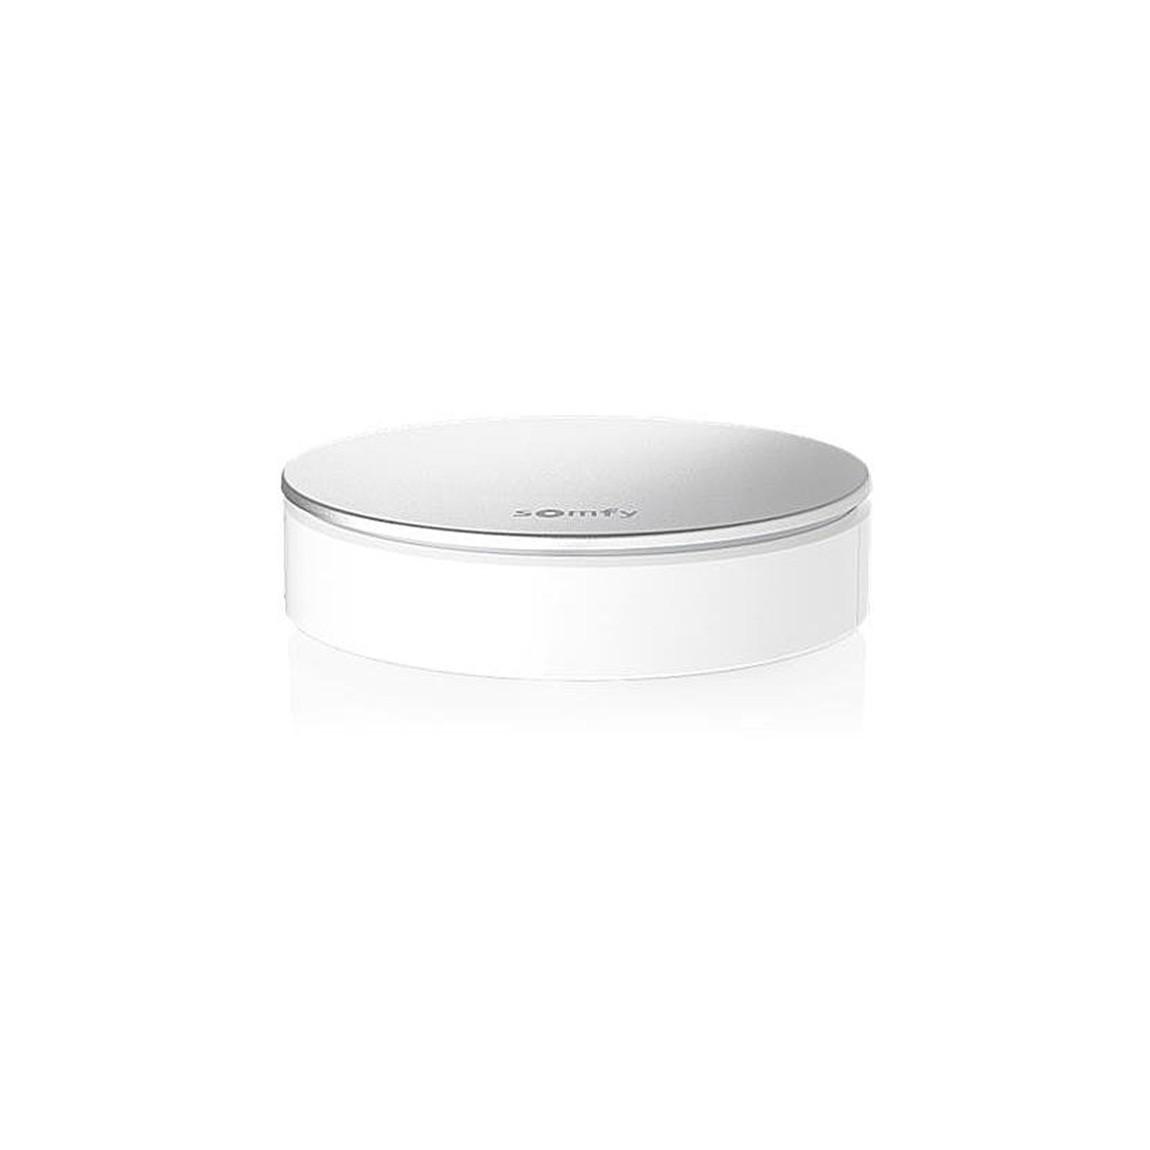 Somfy Indoor Siren 110dB Innensirene - Weiß